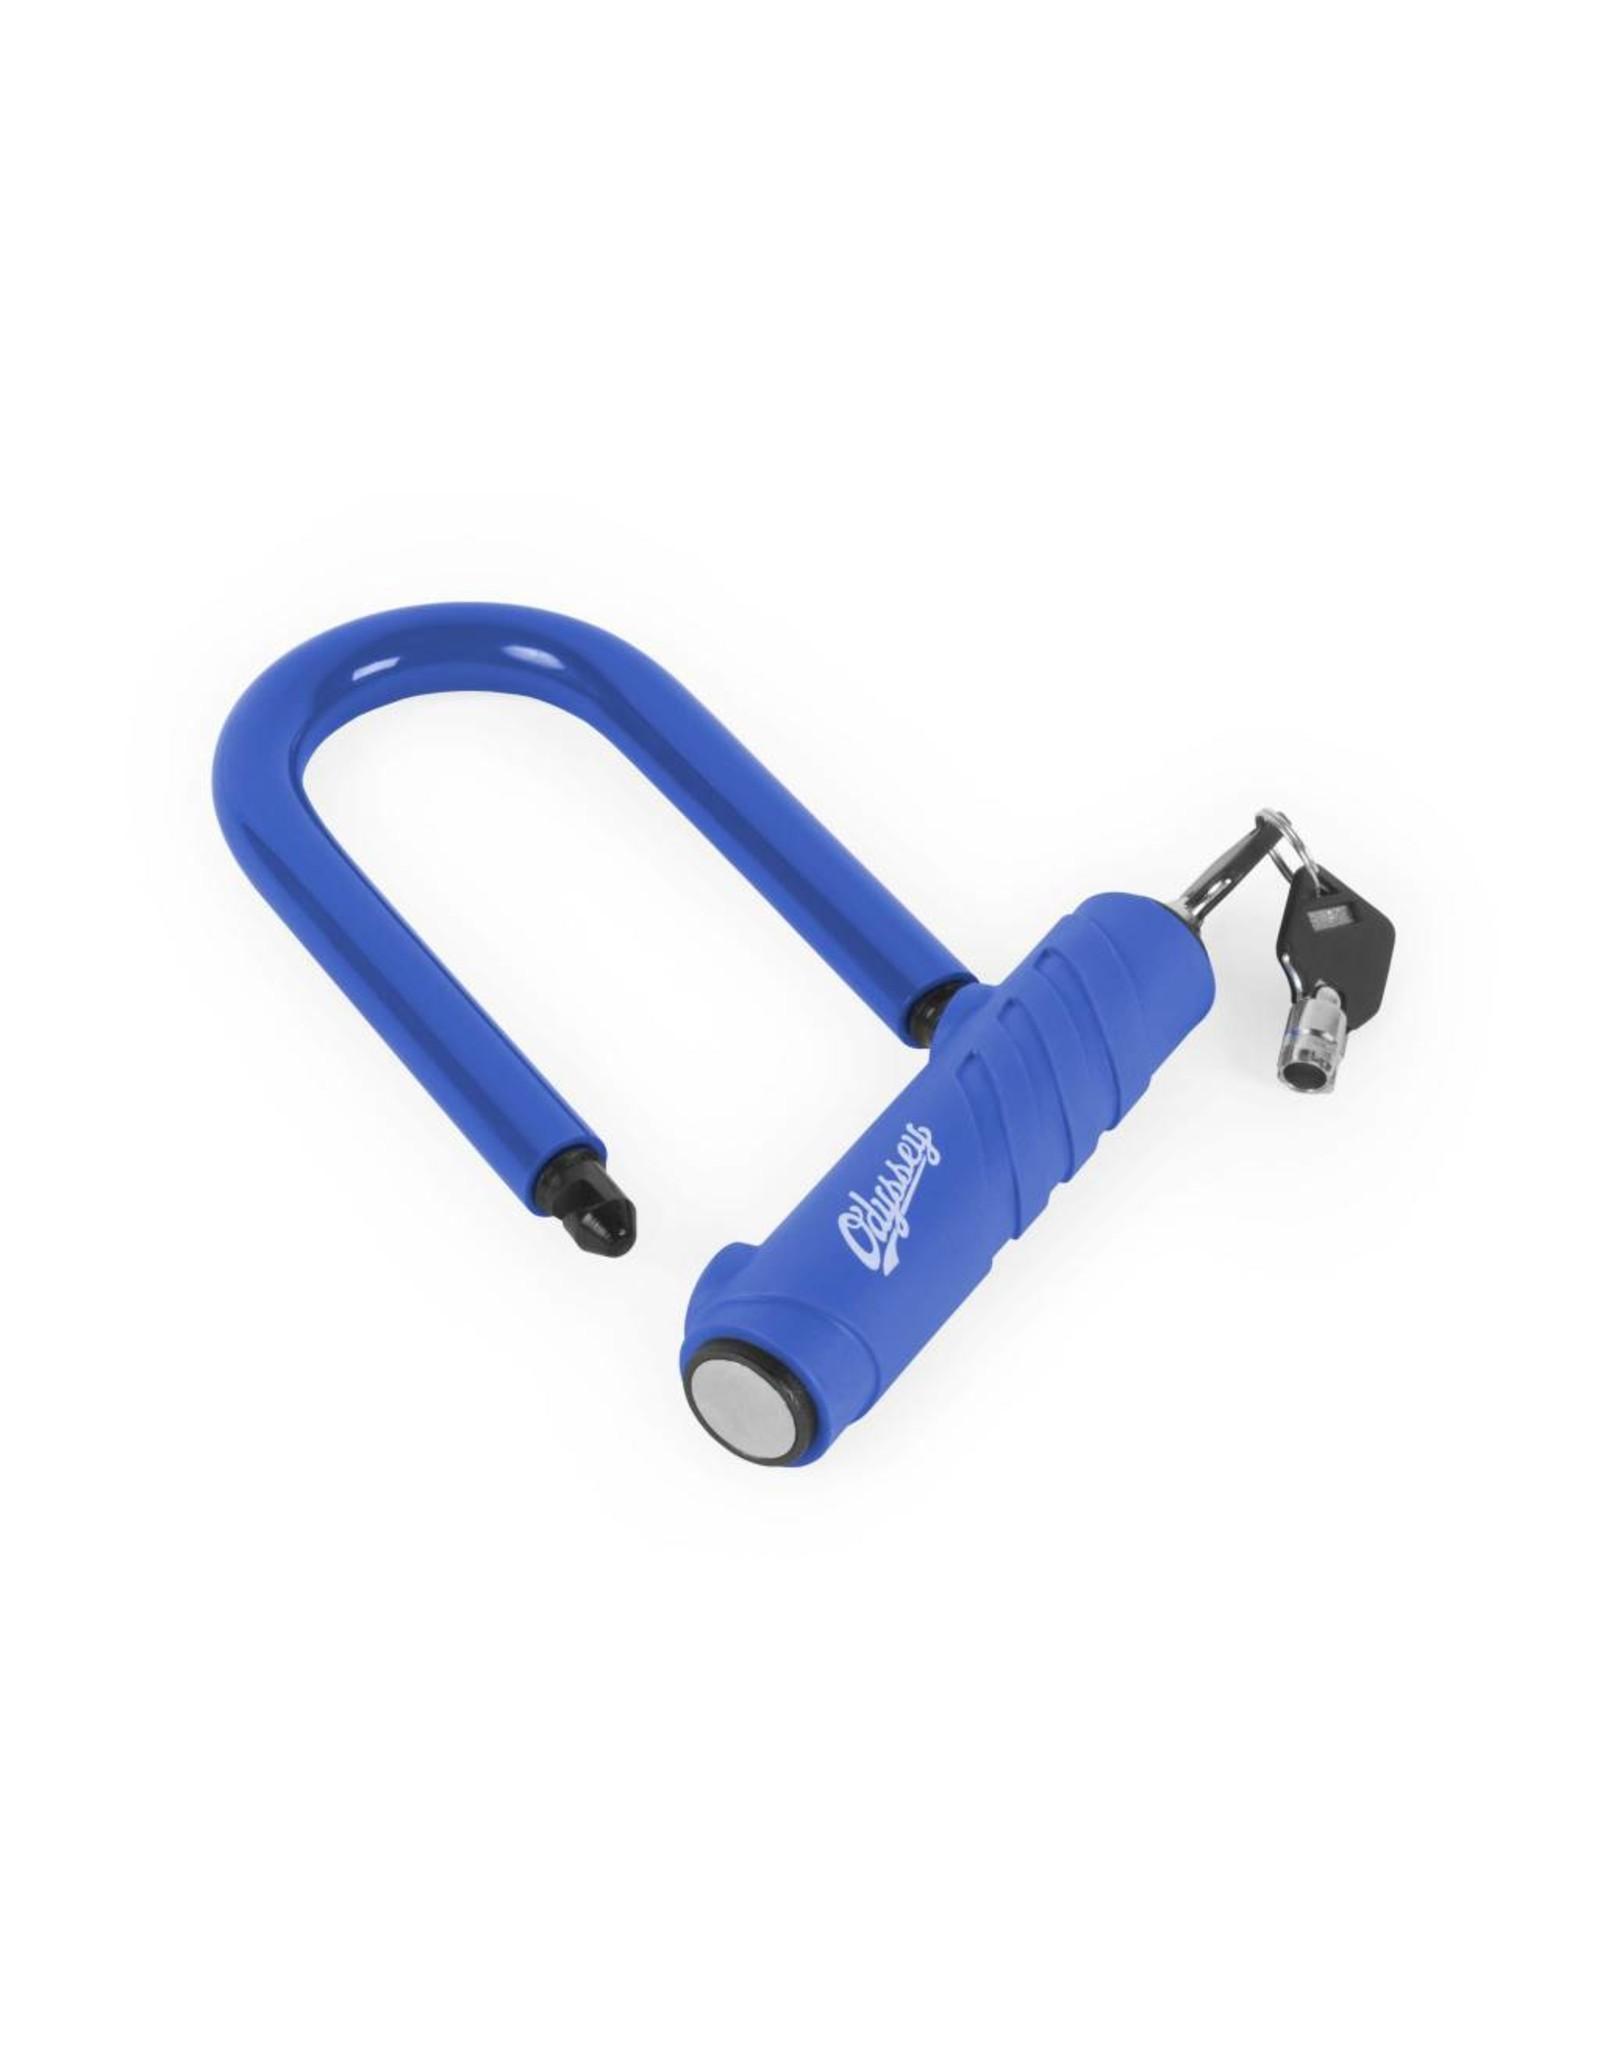 ODYSSEY ODYSSEY SLUGGER LOCK BLUE